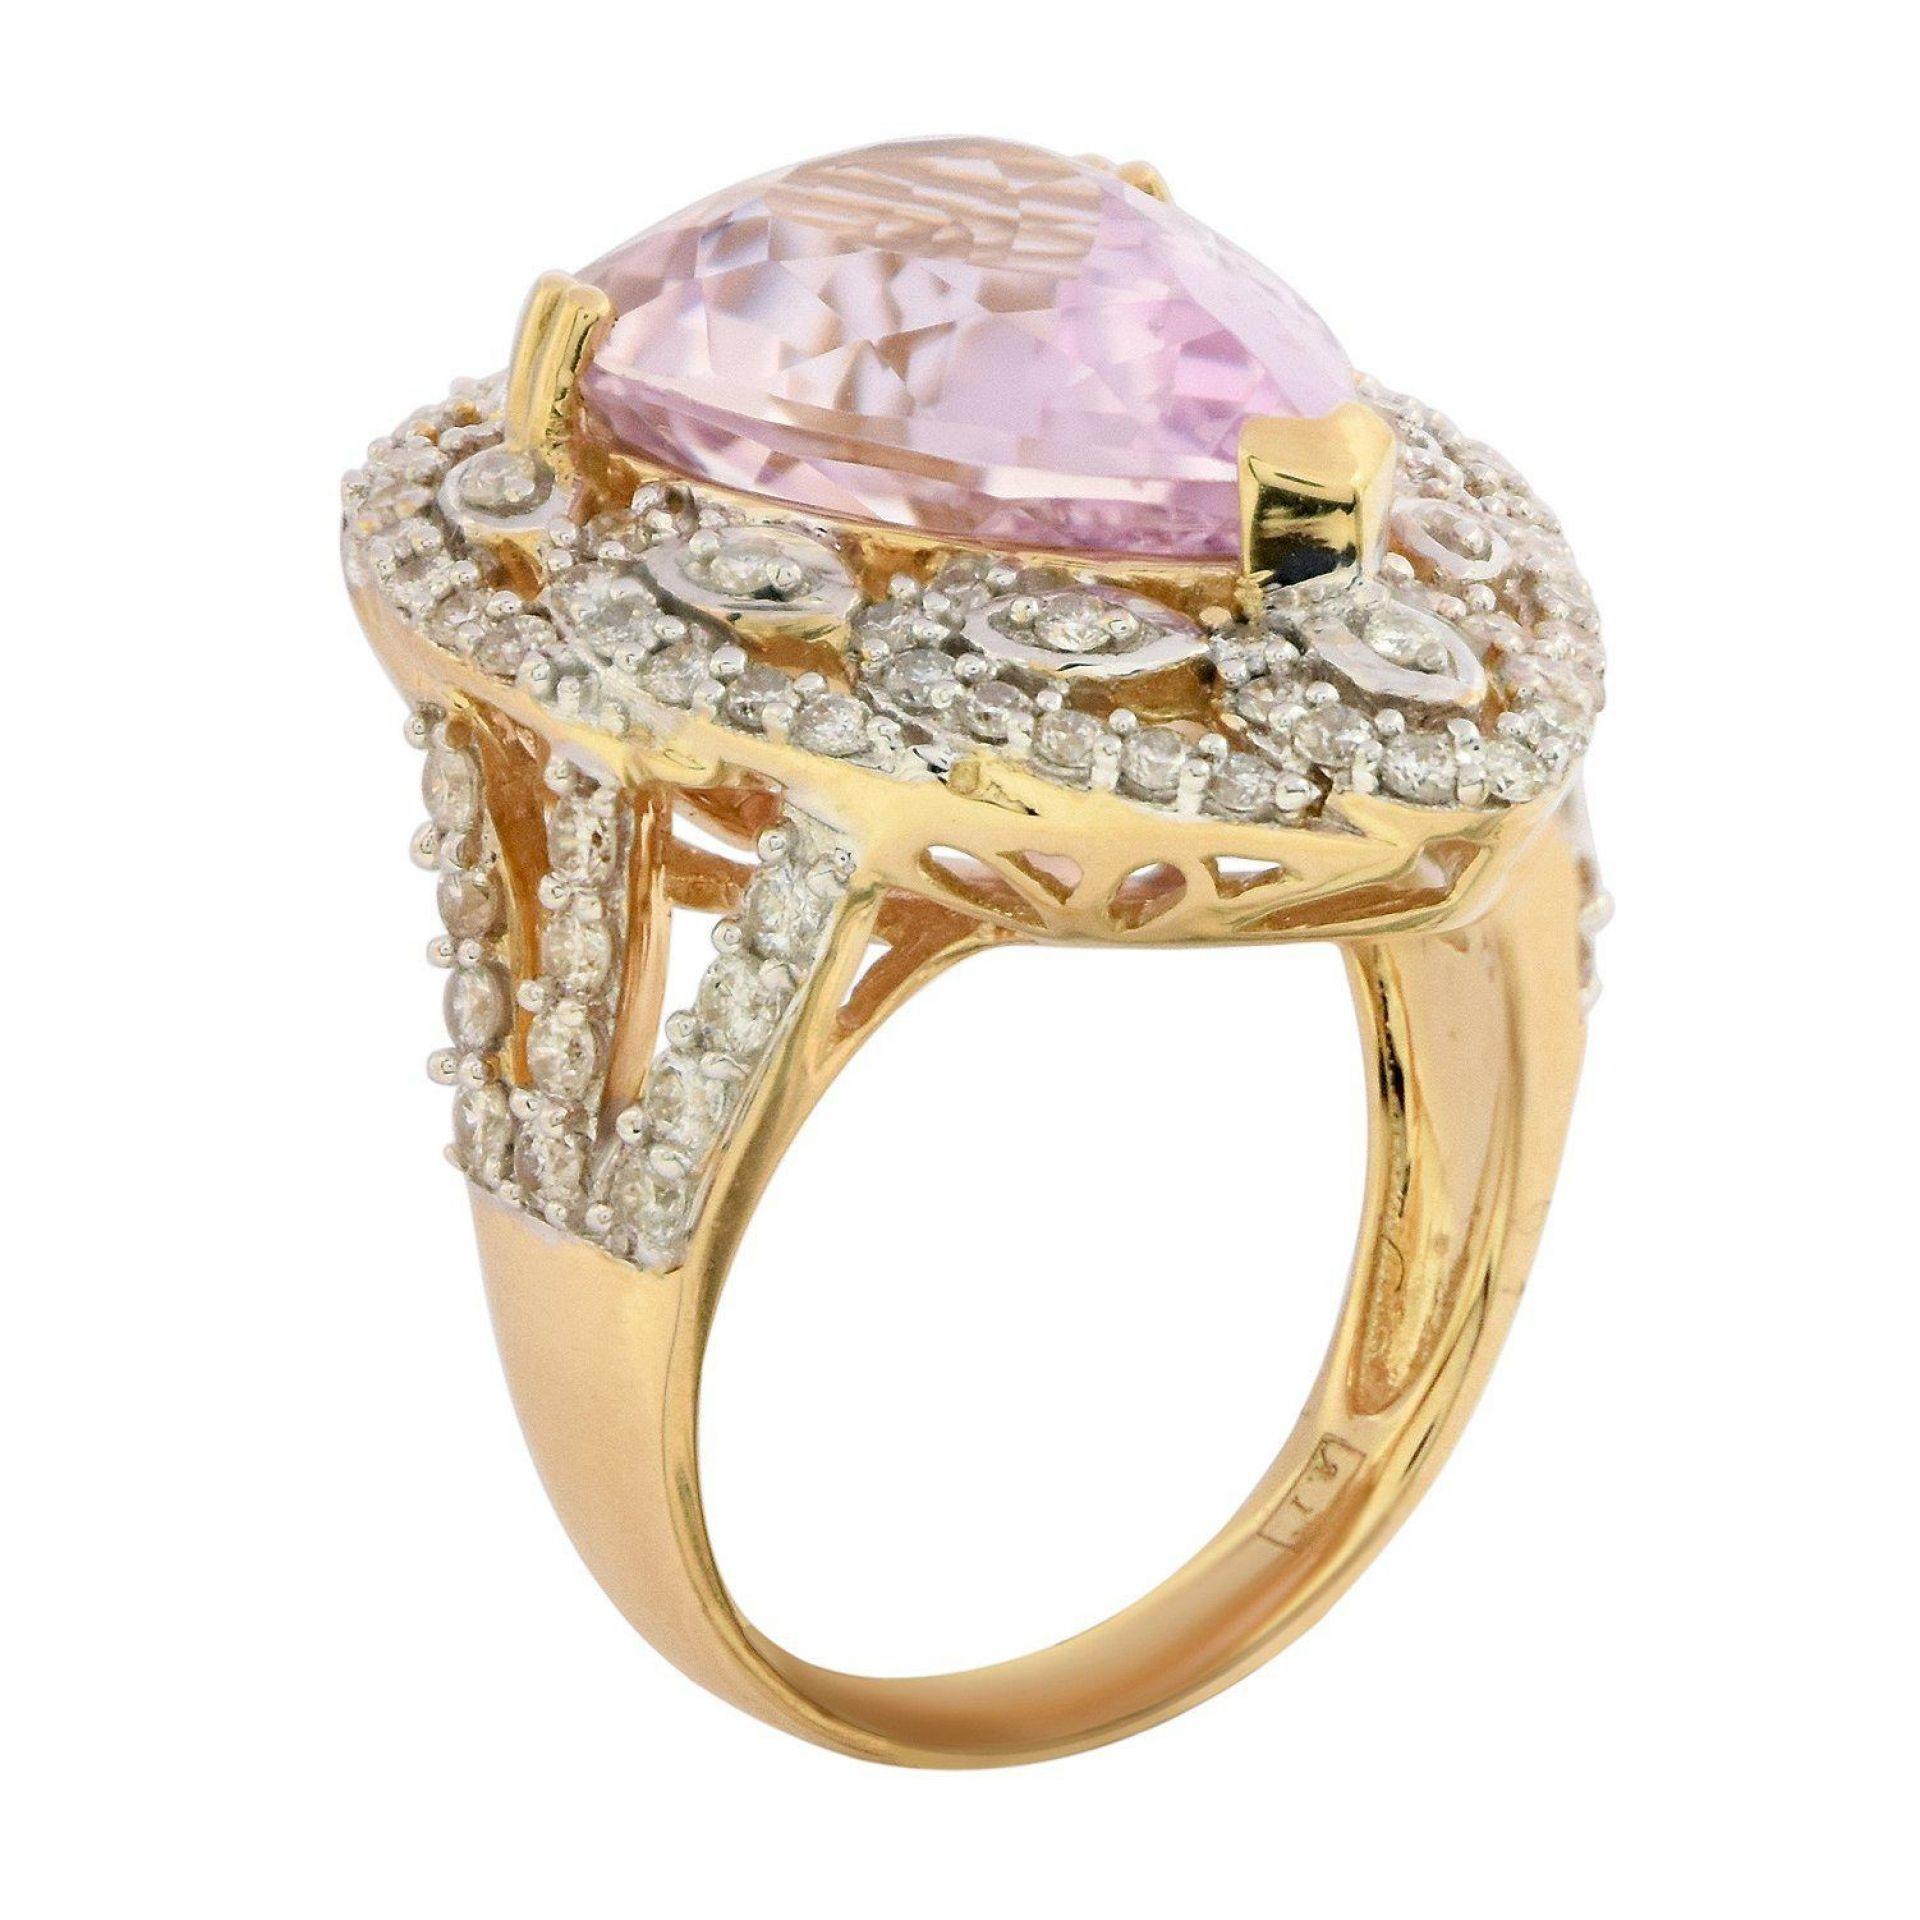 11.95ct Kunzite and 1.33ctw Diamond 14KT Yellow Gold Ring